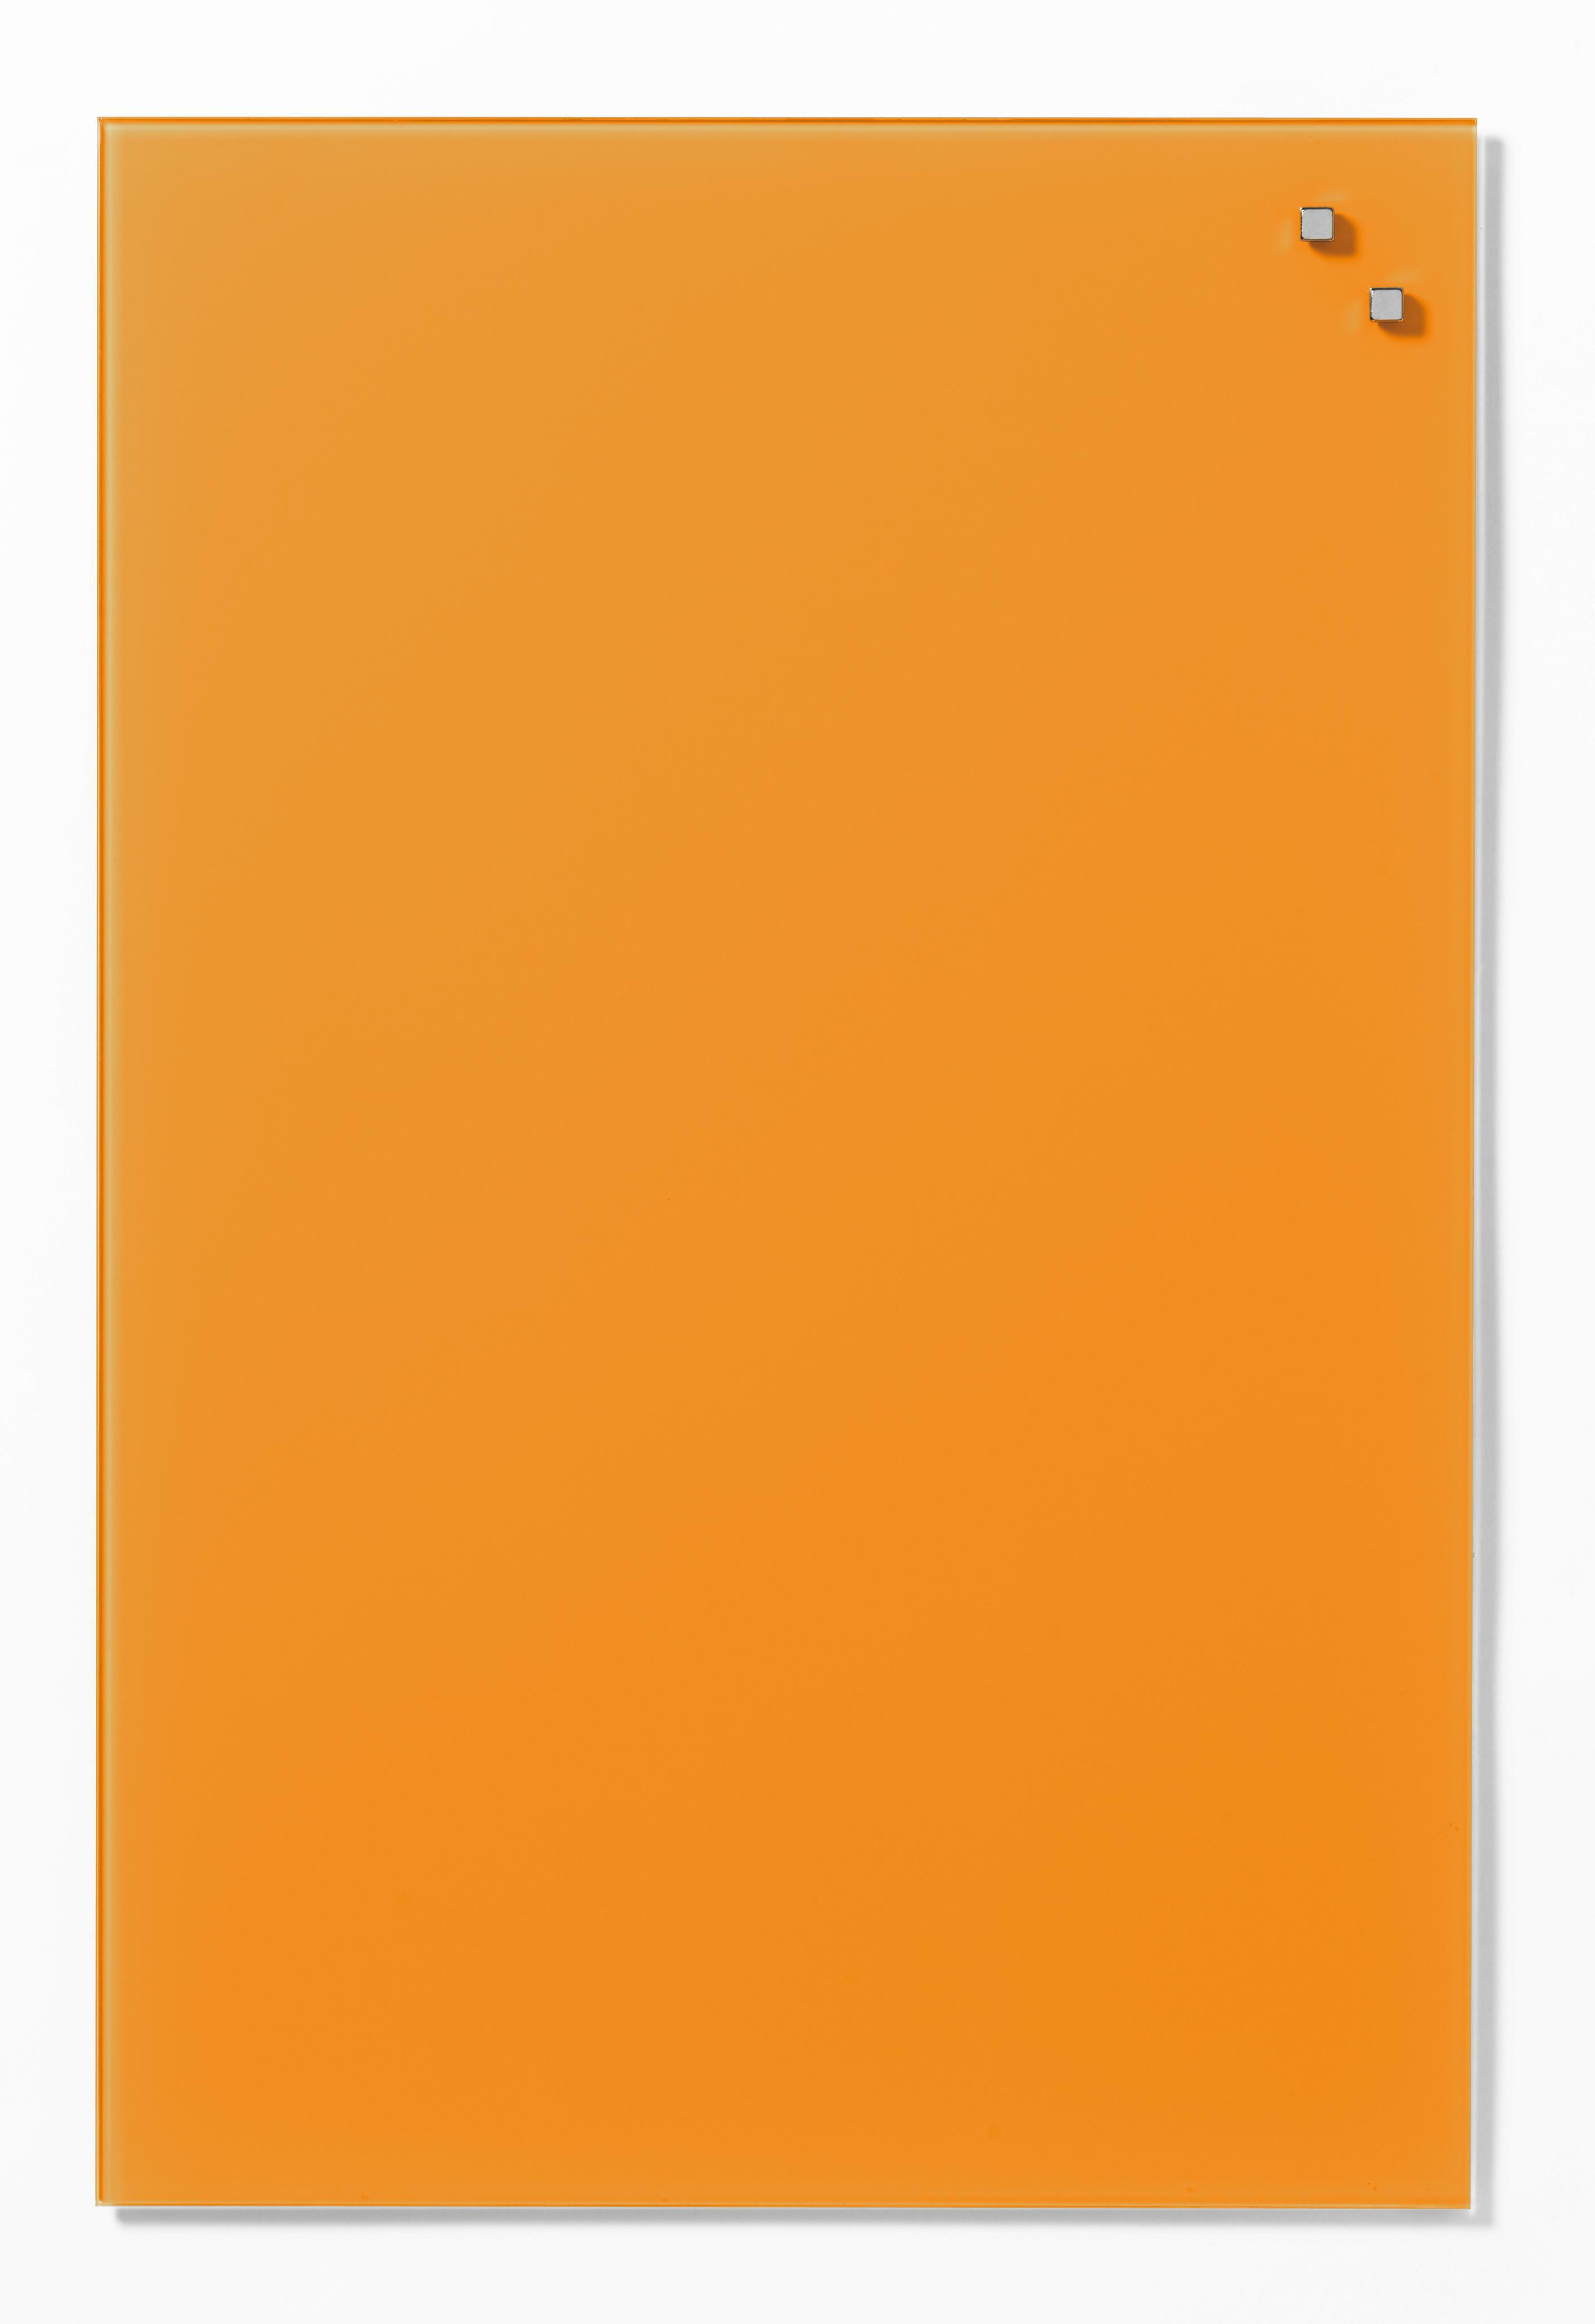 Tabule magnetické skleněné - 40 x 60 cm / oranžová